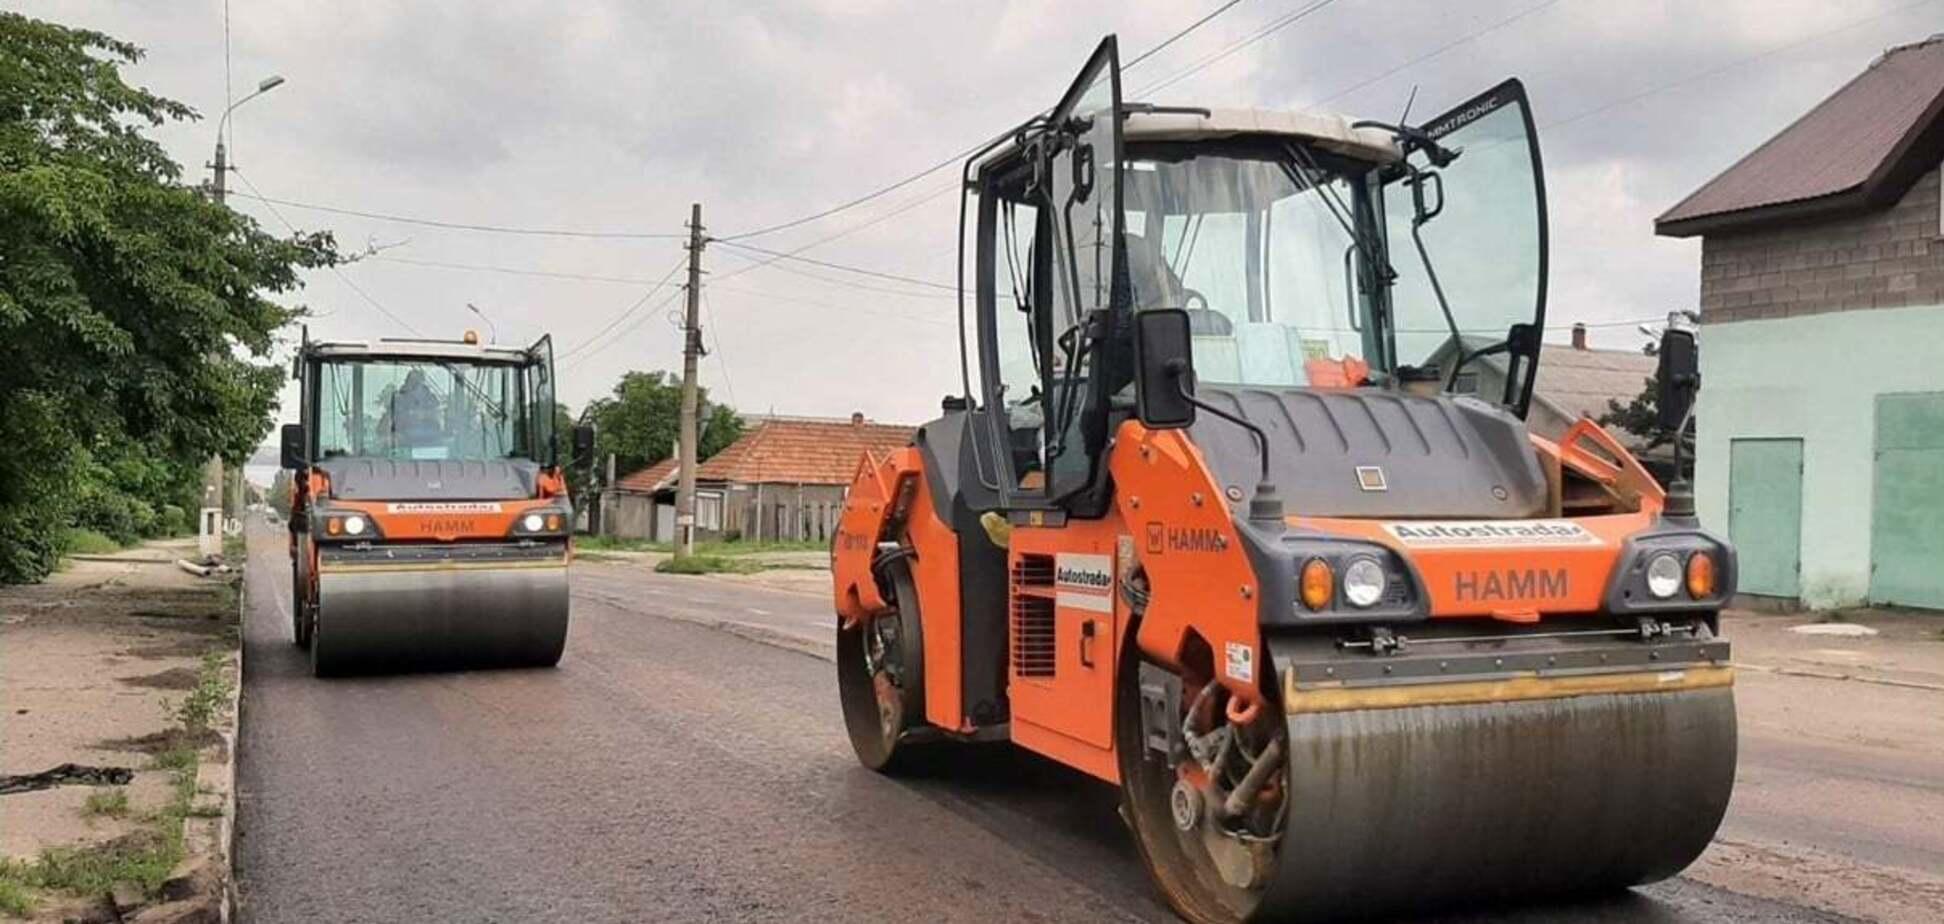 В Николаеве после сильных дождей возобновили 'Большую стройку' трассы М-14